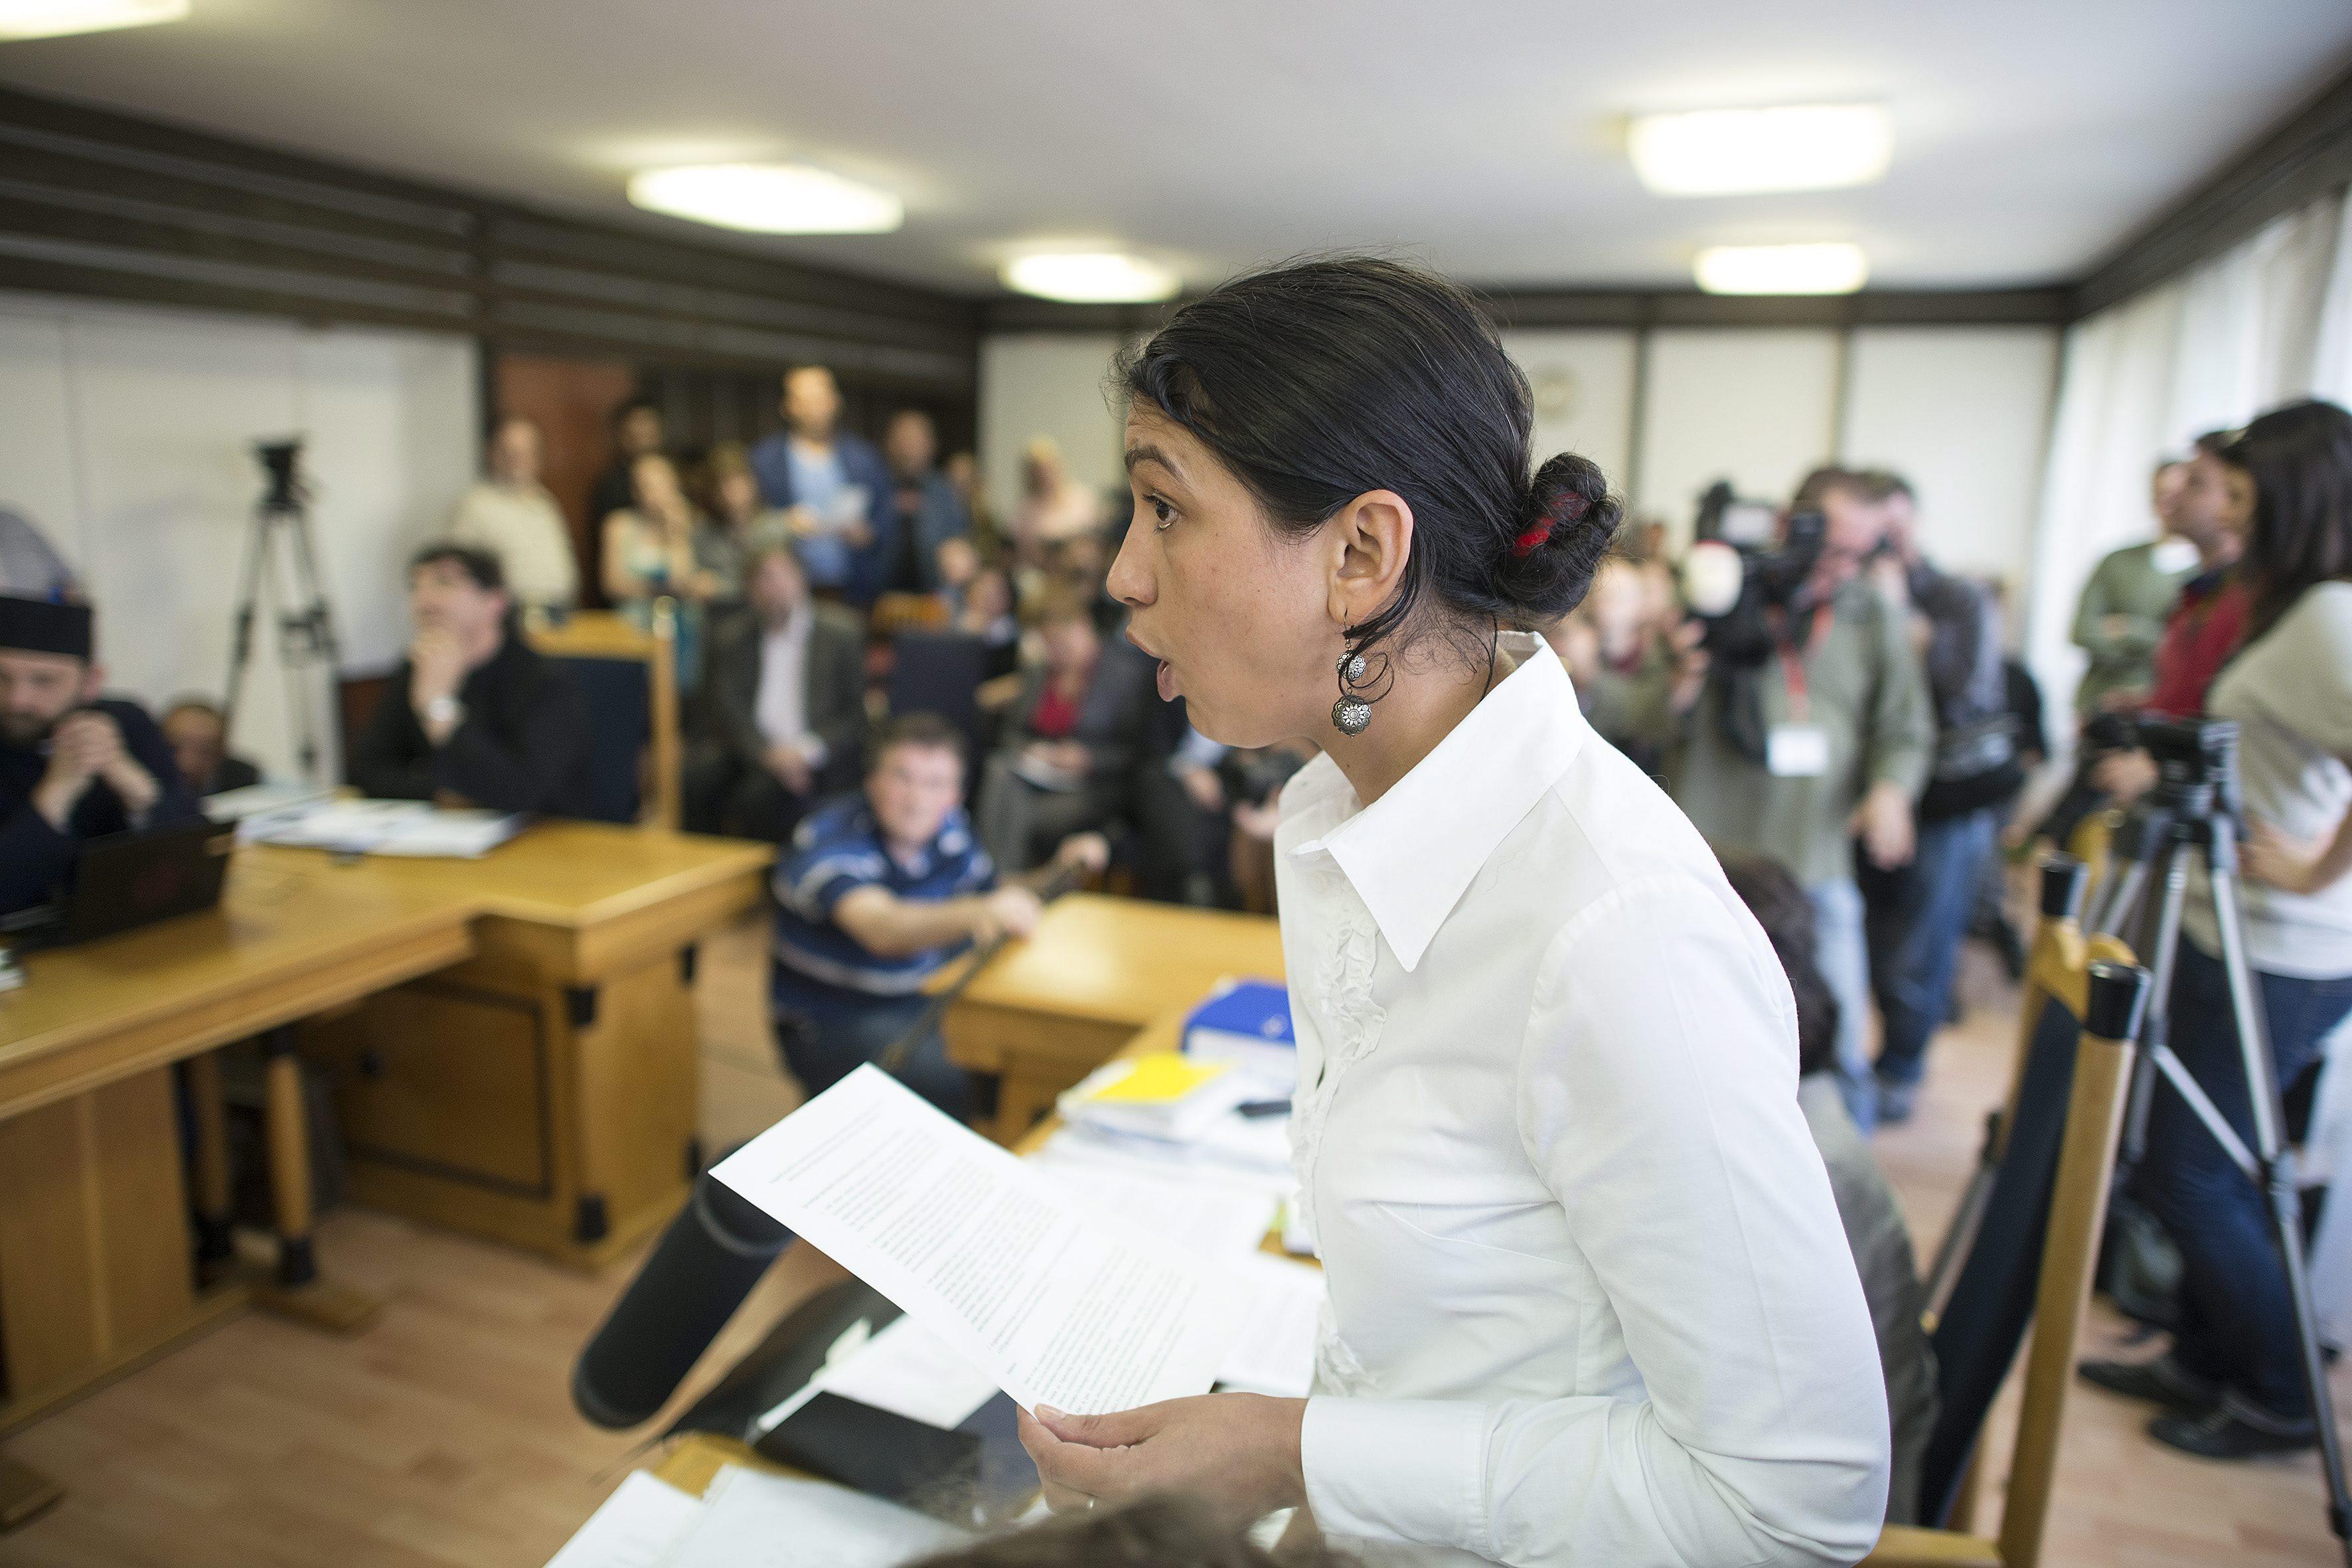 Gyöngyöspatán nem akarják elhinni, hogy tényleg nyertek, a fideszes képviselő máris törvénymódosítást ígér